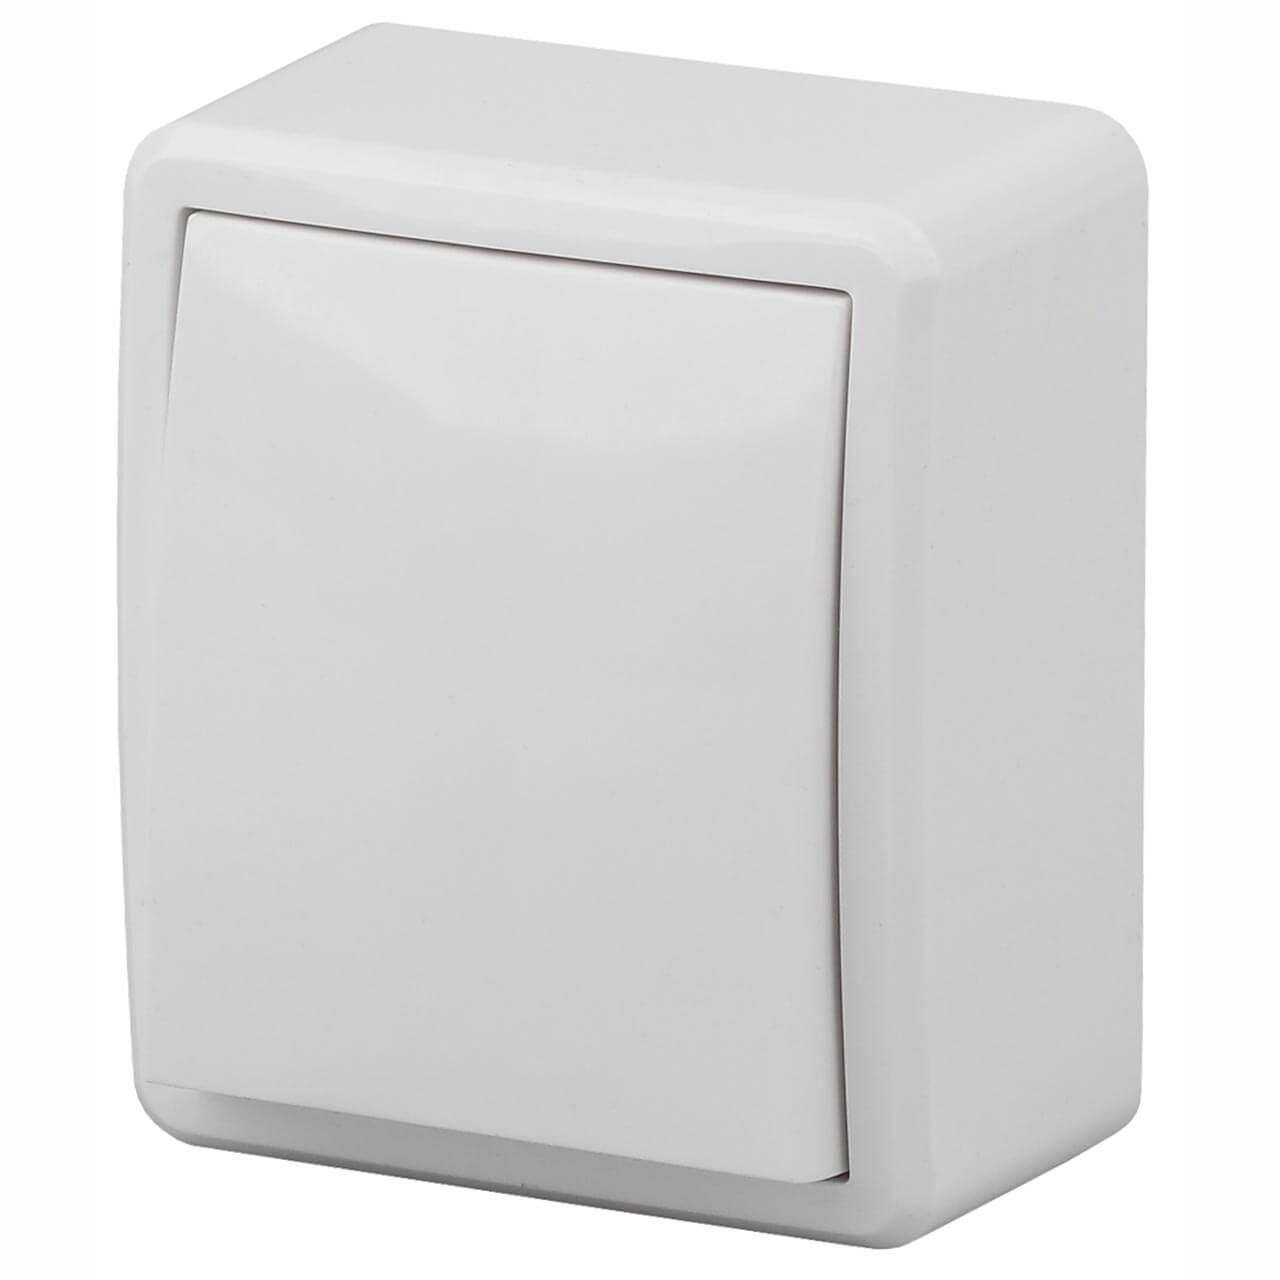 Выключатель одноклавишный ЭРА Эксперт 10AX 250V 11-1201-01